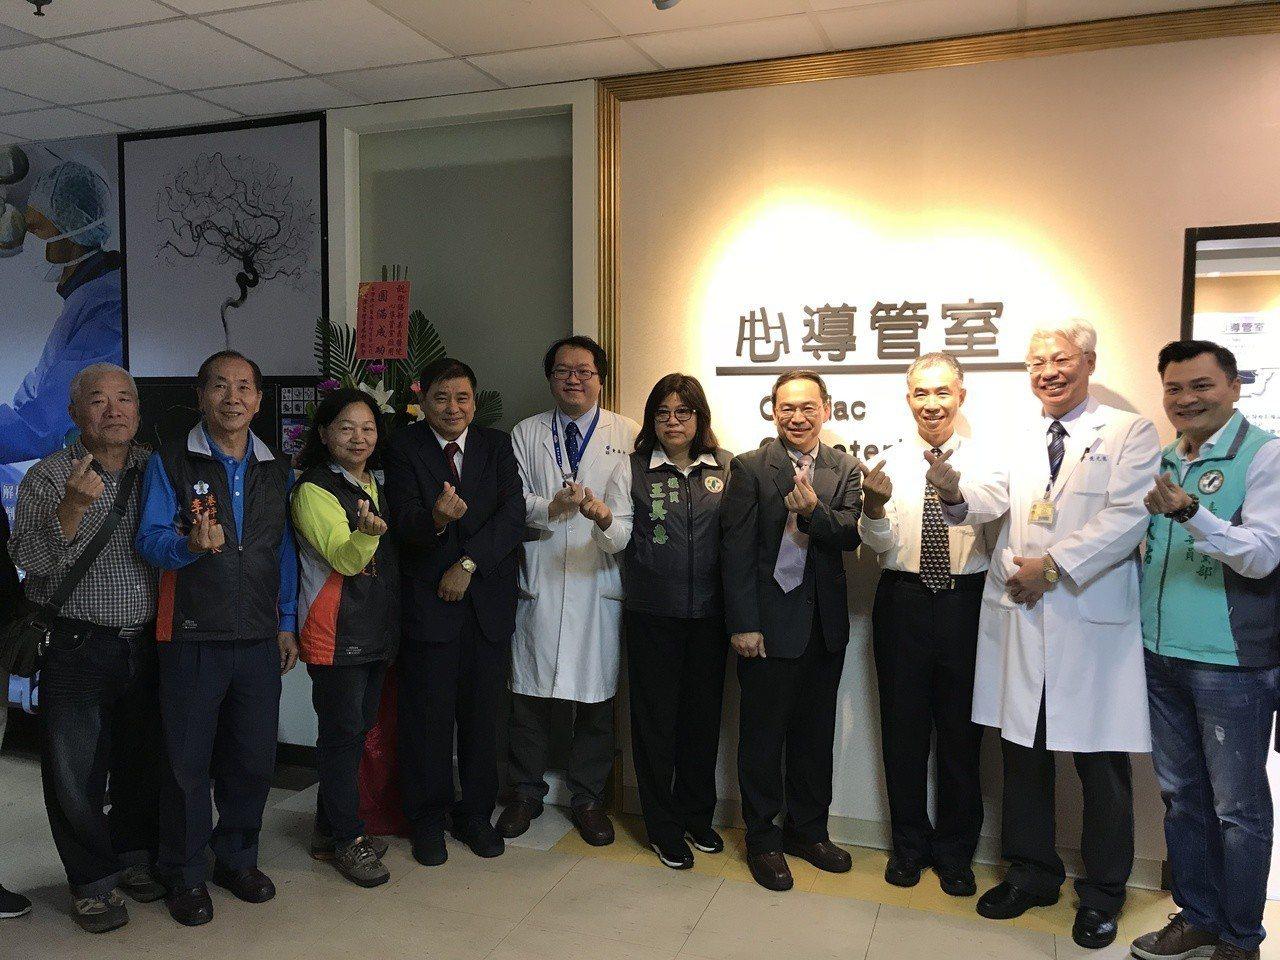 衛福部嘉義醫院打造4千萬心導管室,今天舉行揭幕儀式。記者姜宜菁/攝影